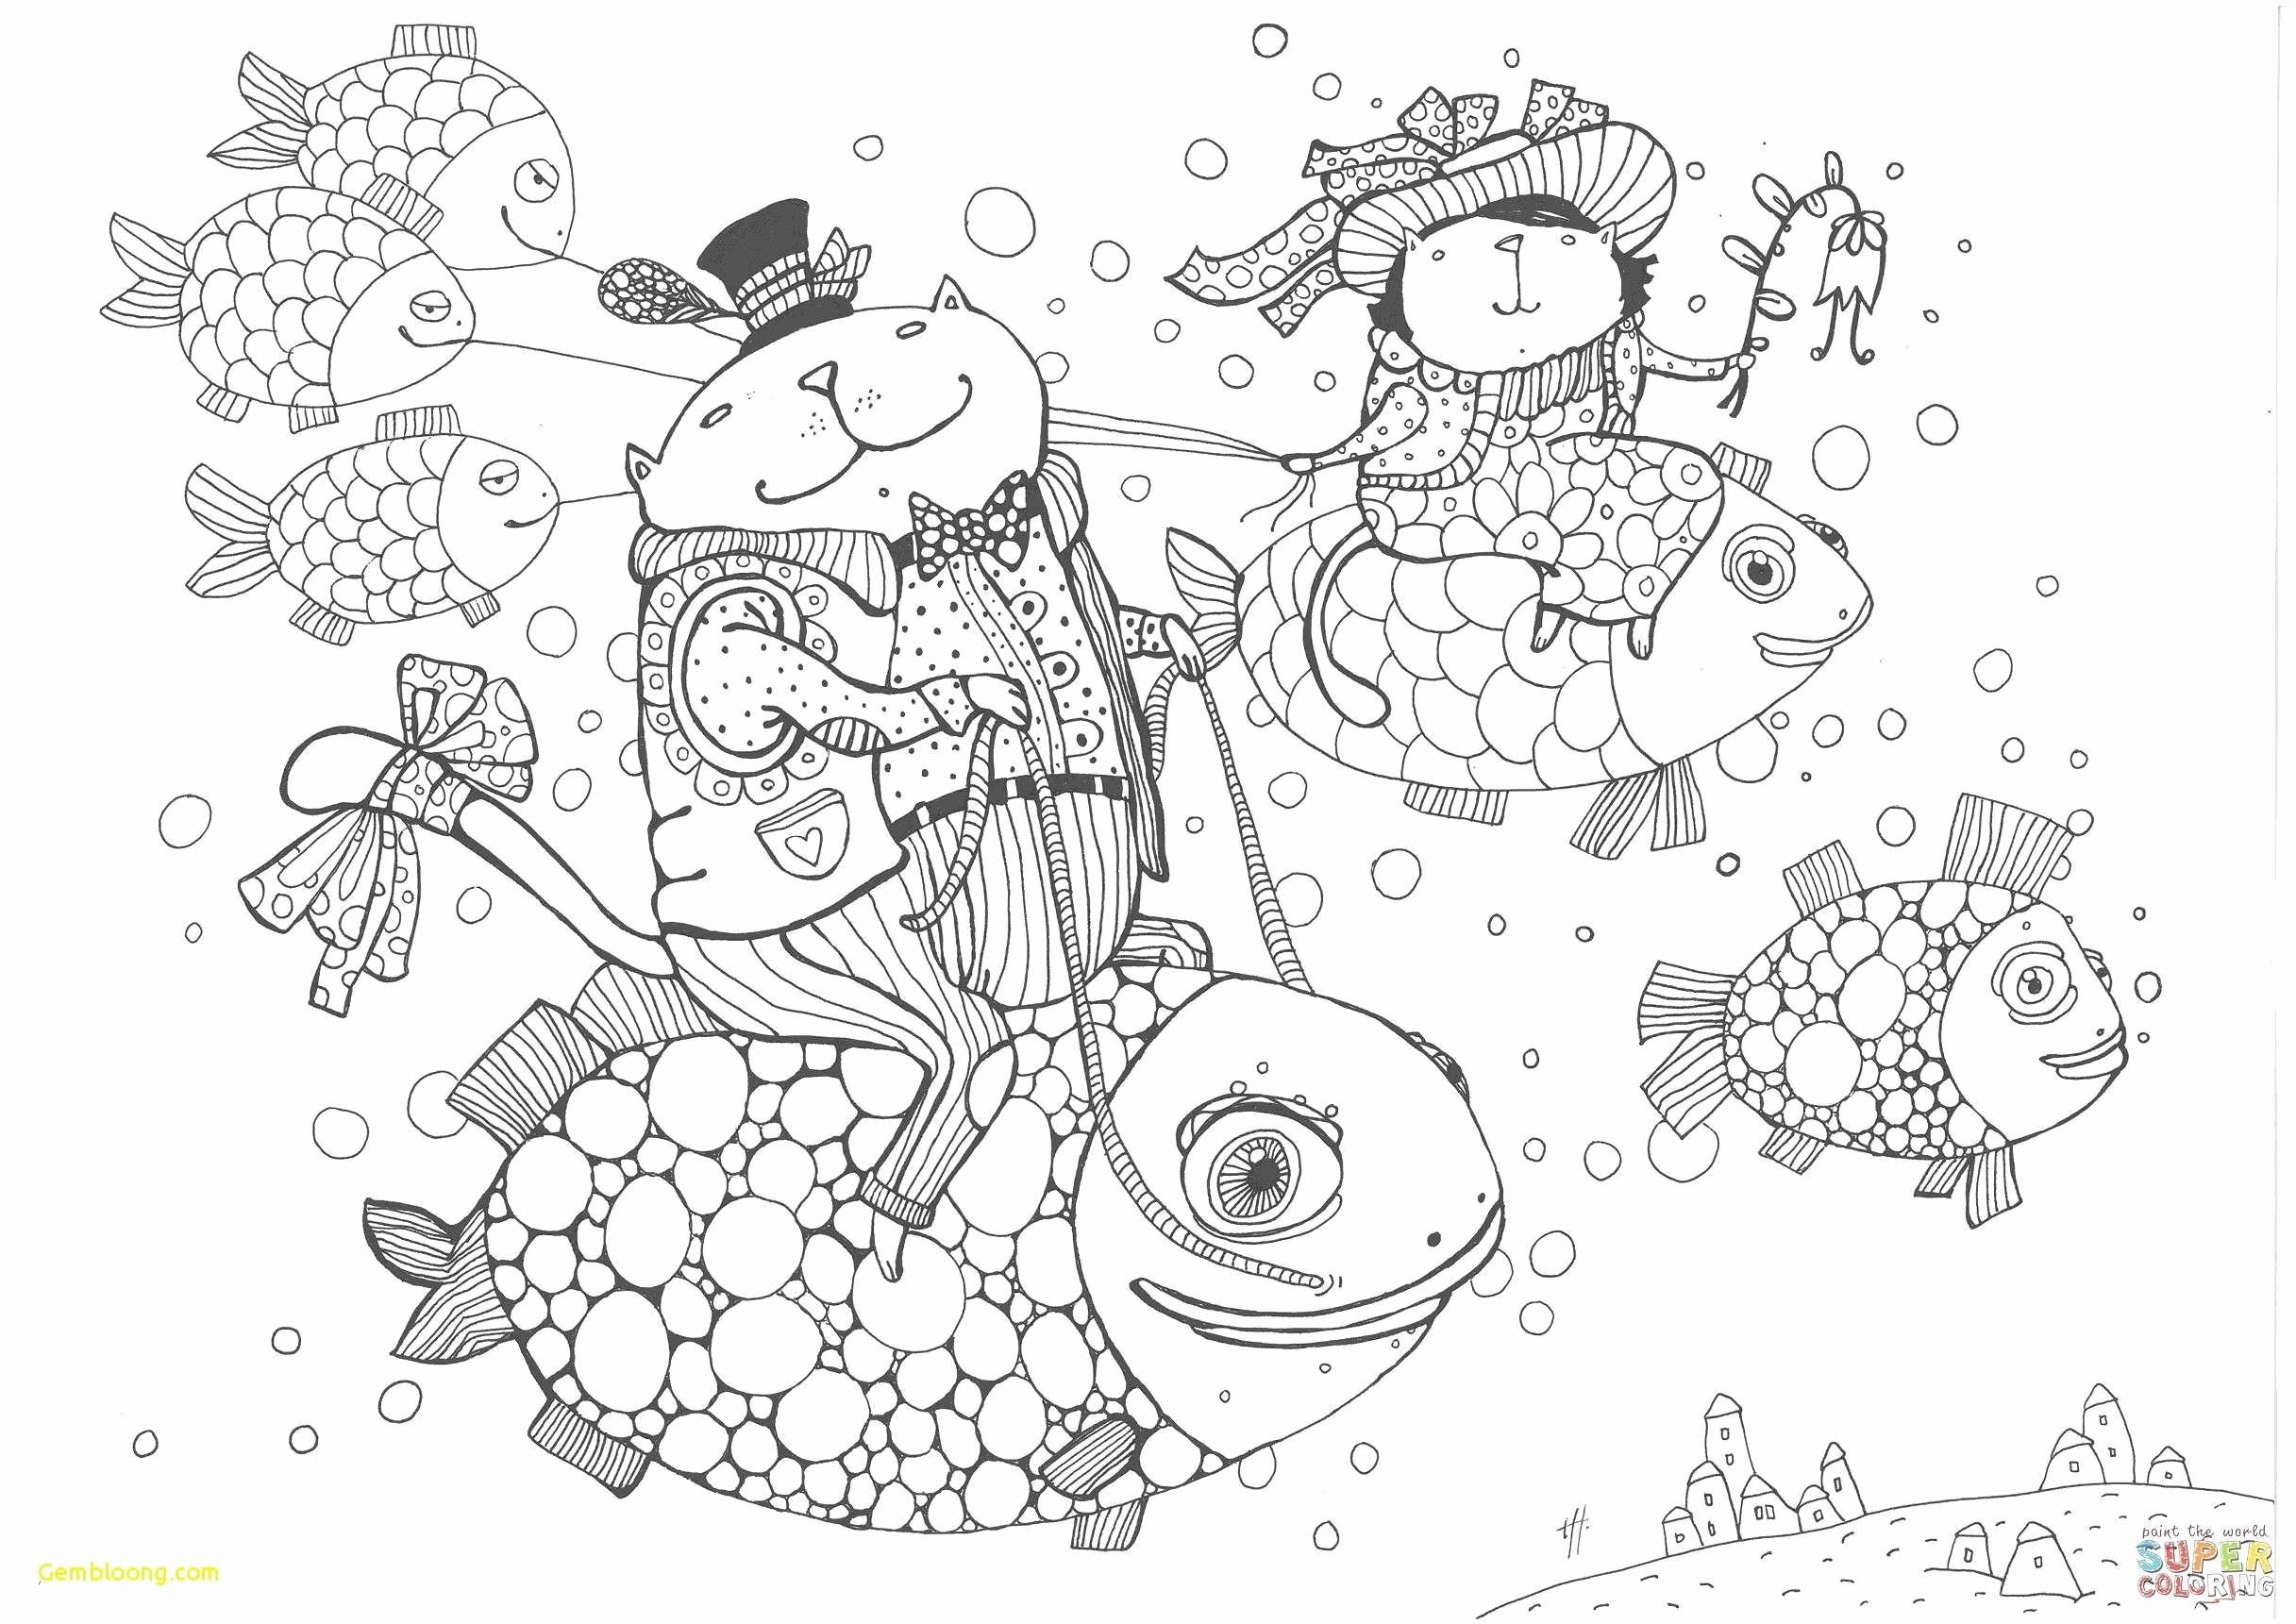 Ausmalbilder Weihnachten Gratis Genial 28 Best Ausmalbilder Weihnachten Schneemann Bilder Bilder